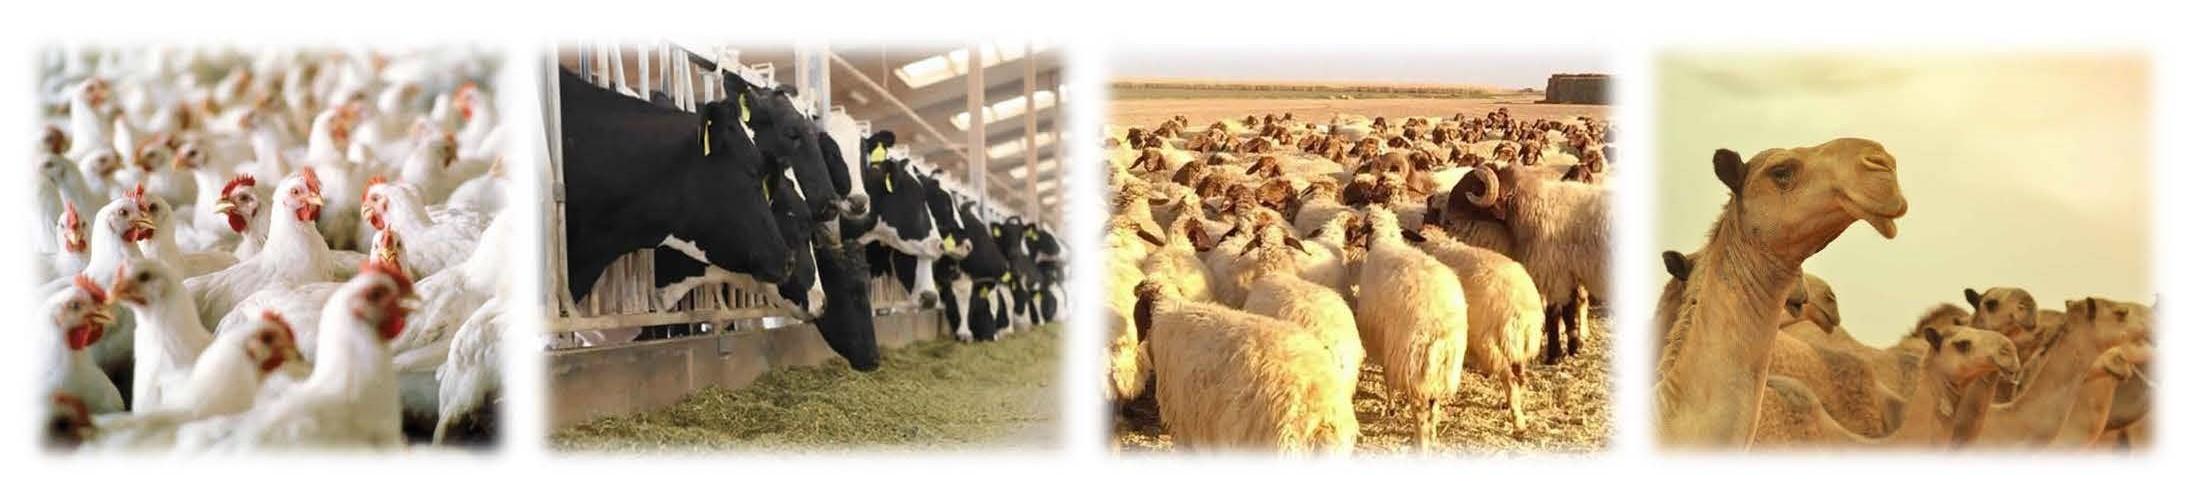 الثروة الحيوانية - تنمية الثروة الحيوانية وإنمائها...